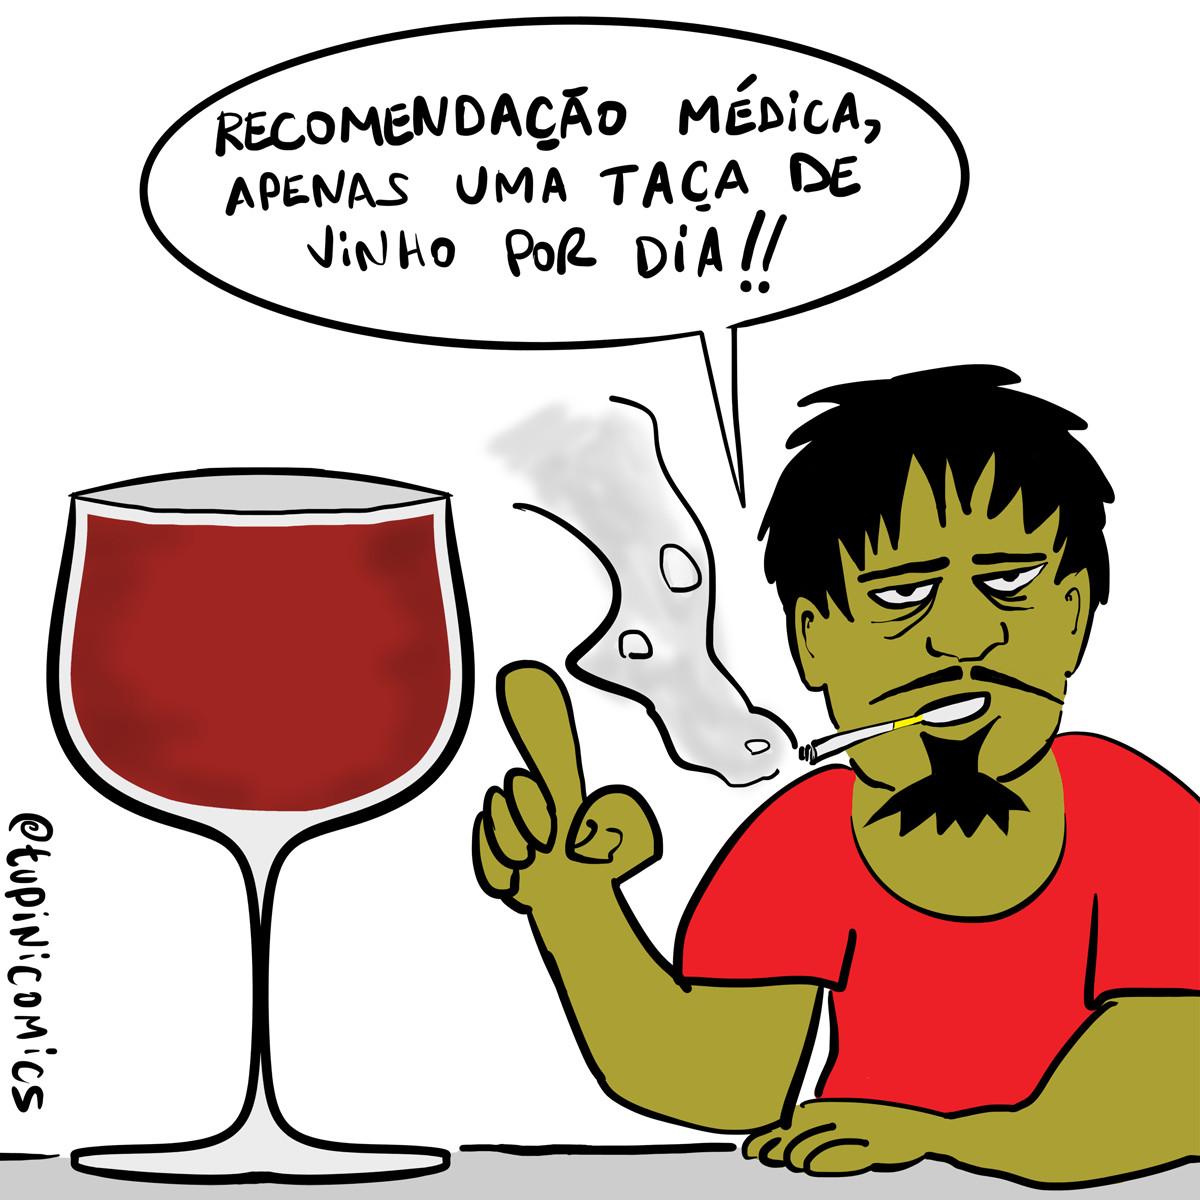 Totosco os benefícios de se tomar uma taça de vinhodiariamente